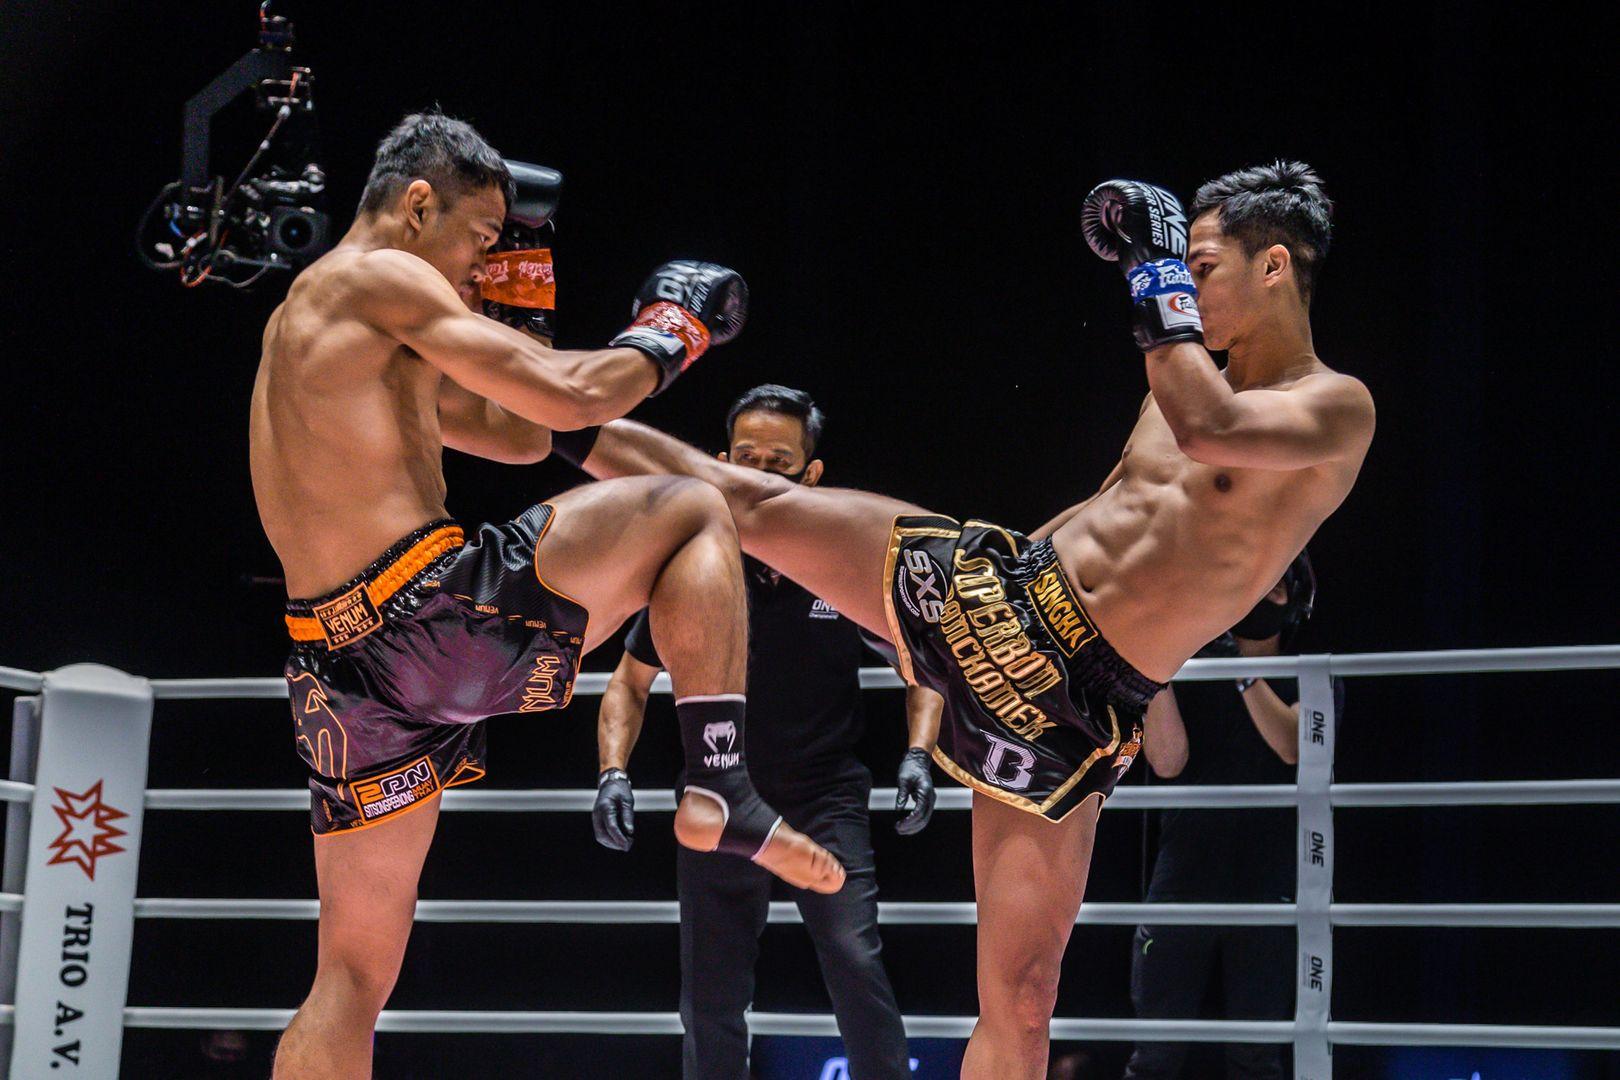 Thai star Superbon throws a kick at his rival, Sitthichai